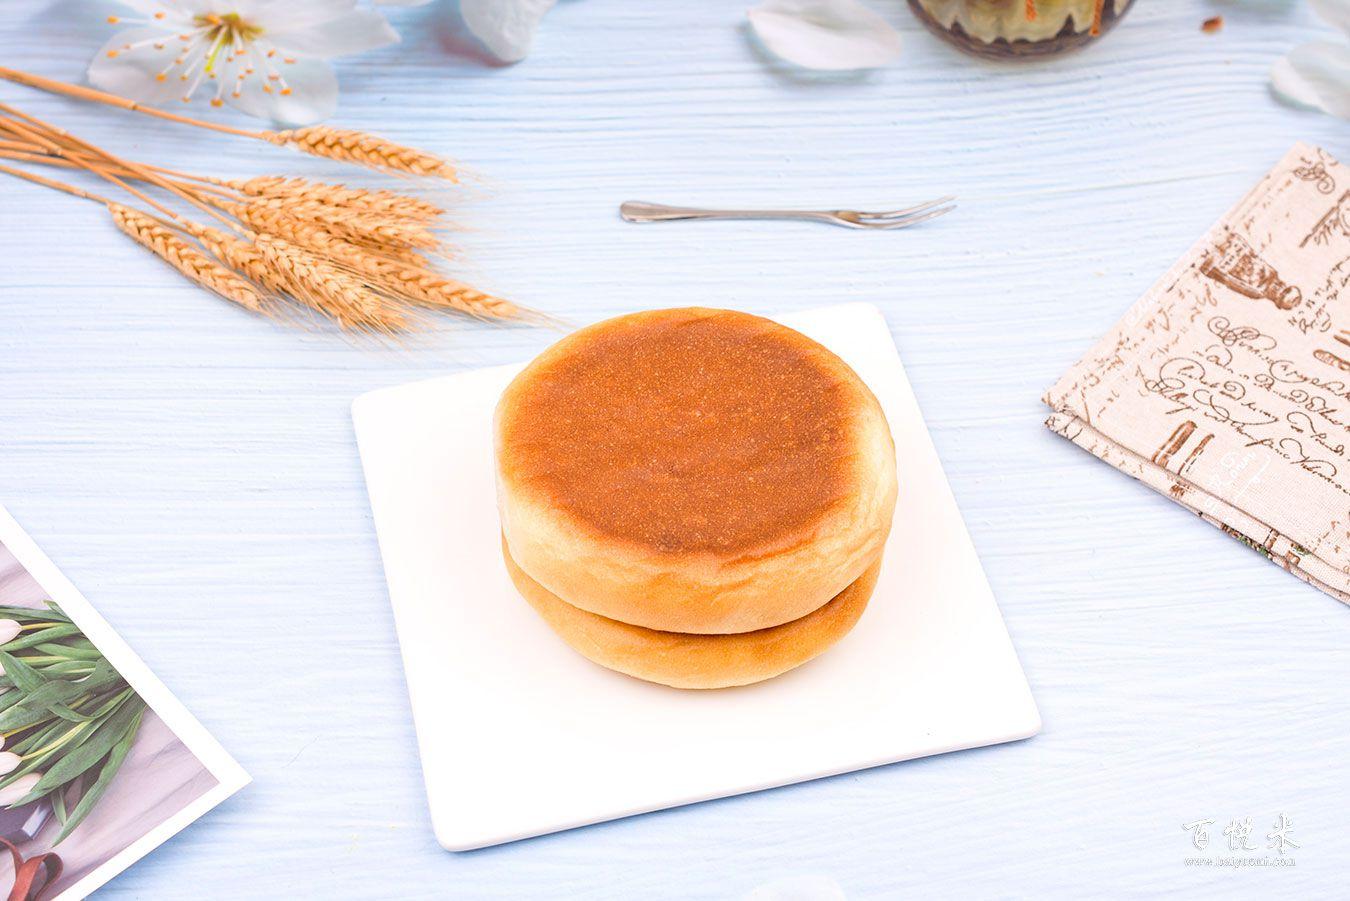 日式红豆包高清图片大全【蛋糕图片】_341